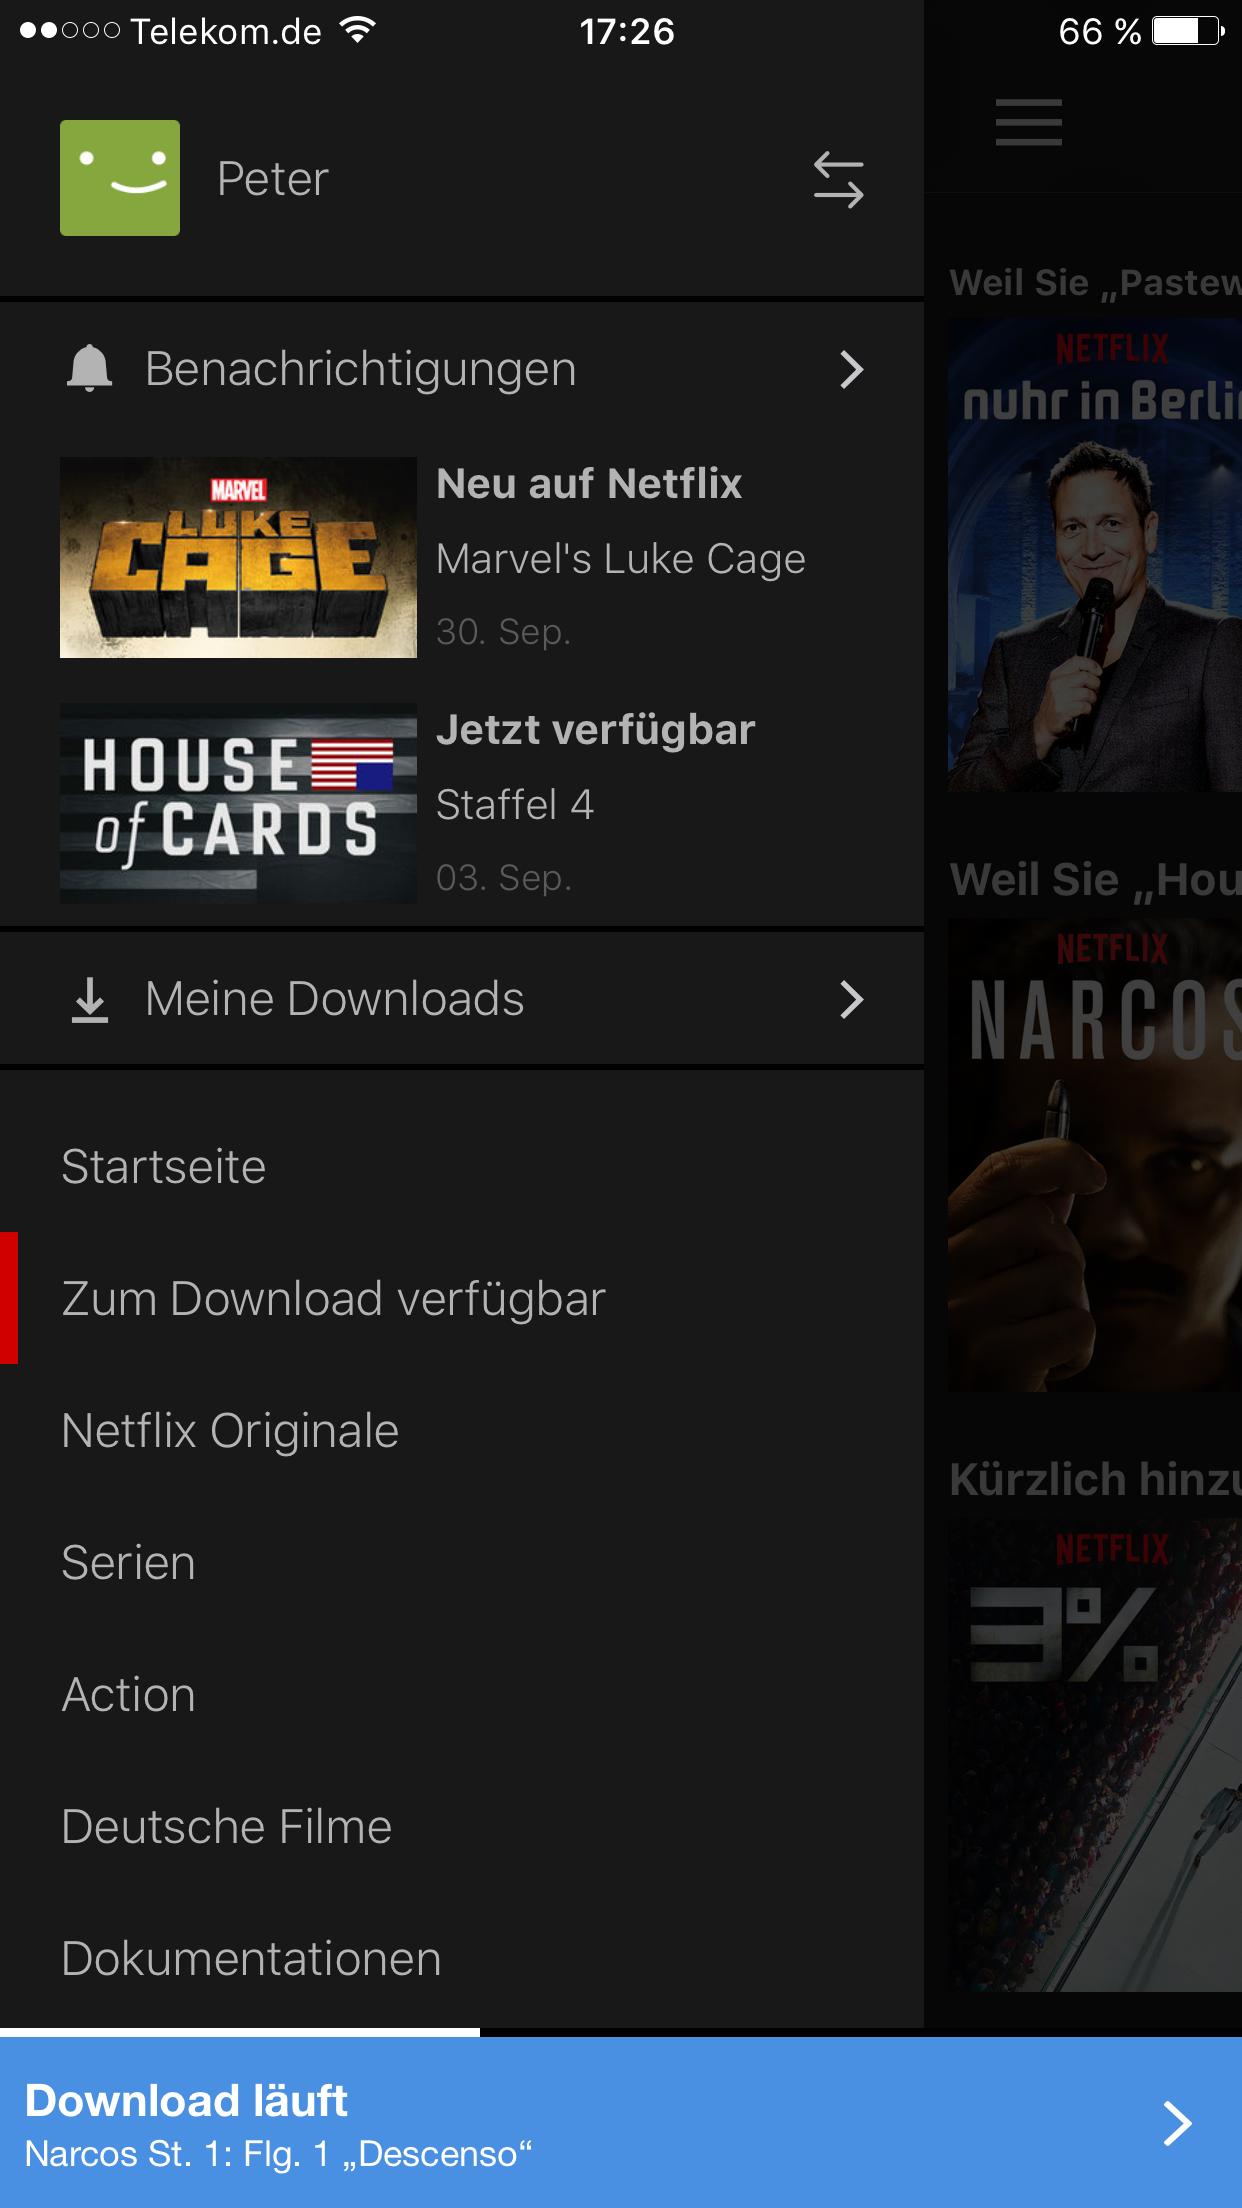 Offlinemodus: Netflix erlaubt Download ausgewählter Filme und Serien -